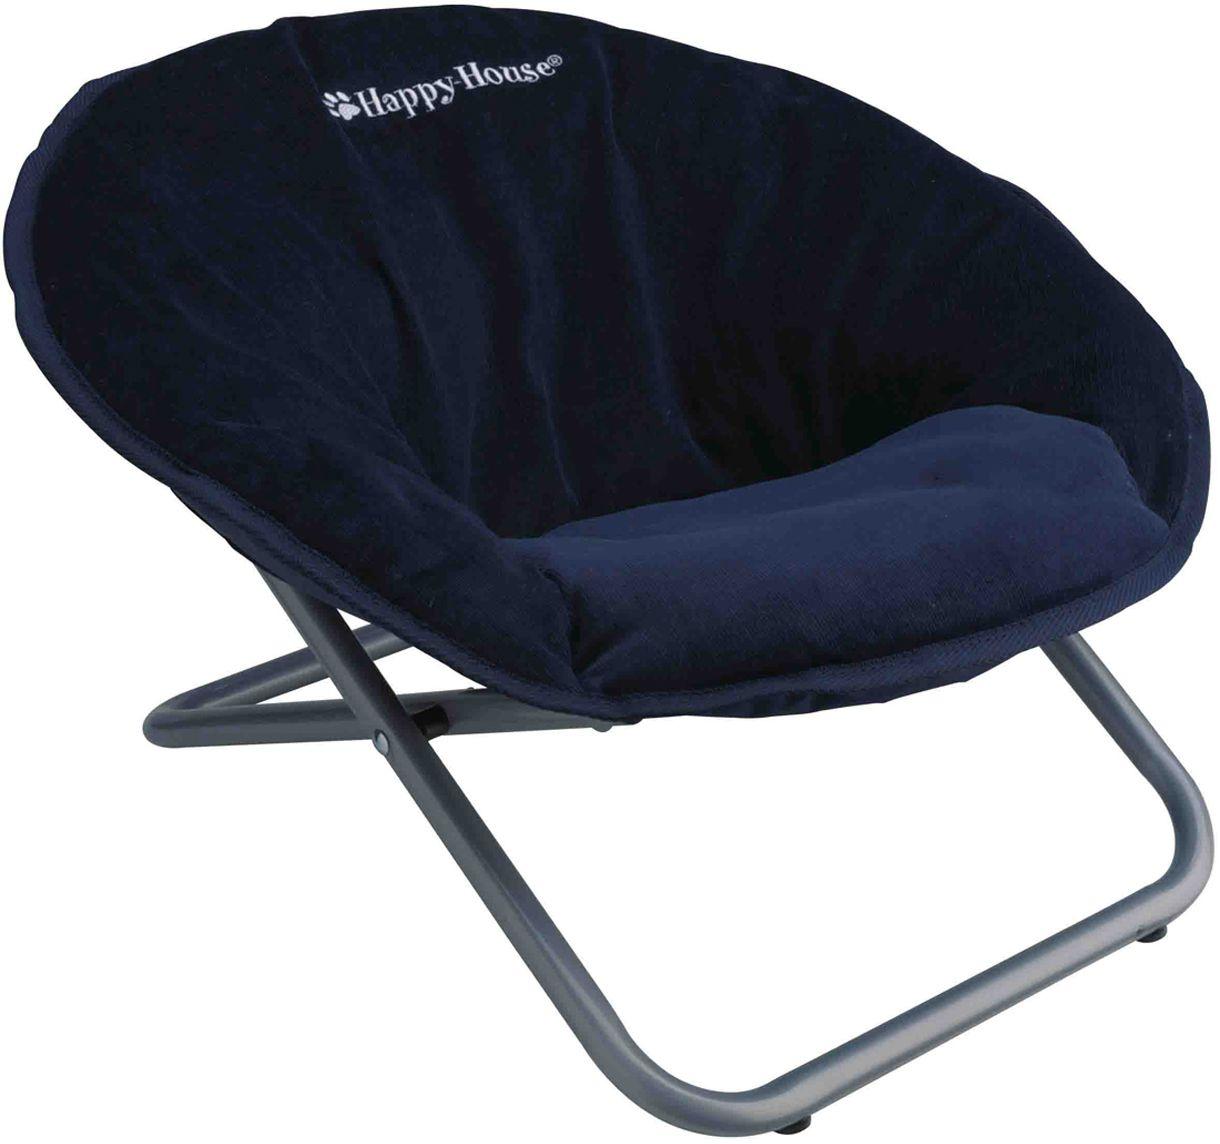 Стул для животных Happy House New Classic, цвет: синий, 55 х 51 х 36 смDM-160283Стул для животных Happy House New Classic - прекрасный большой стул для кошки или собаки. Стул имеет металлический каркас и сиденье, выполненное из мягкого вельвета с наполнителем из полиэстера. Сиденье легко снимается с каркаса. Его можно стирать при температуре 30°С. Максимальная вместимость стула - 15 кг.На таком стуле вашему любимцу будет мягко и тепло. Он подарит вашему питомцу ощущение уюта и уединенности.